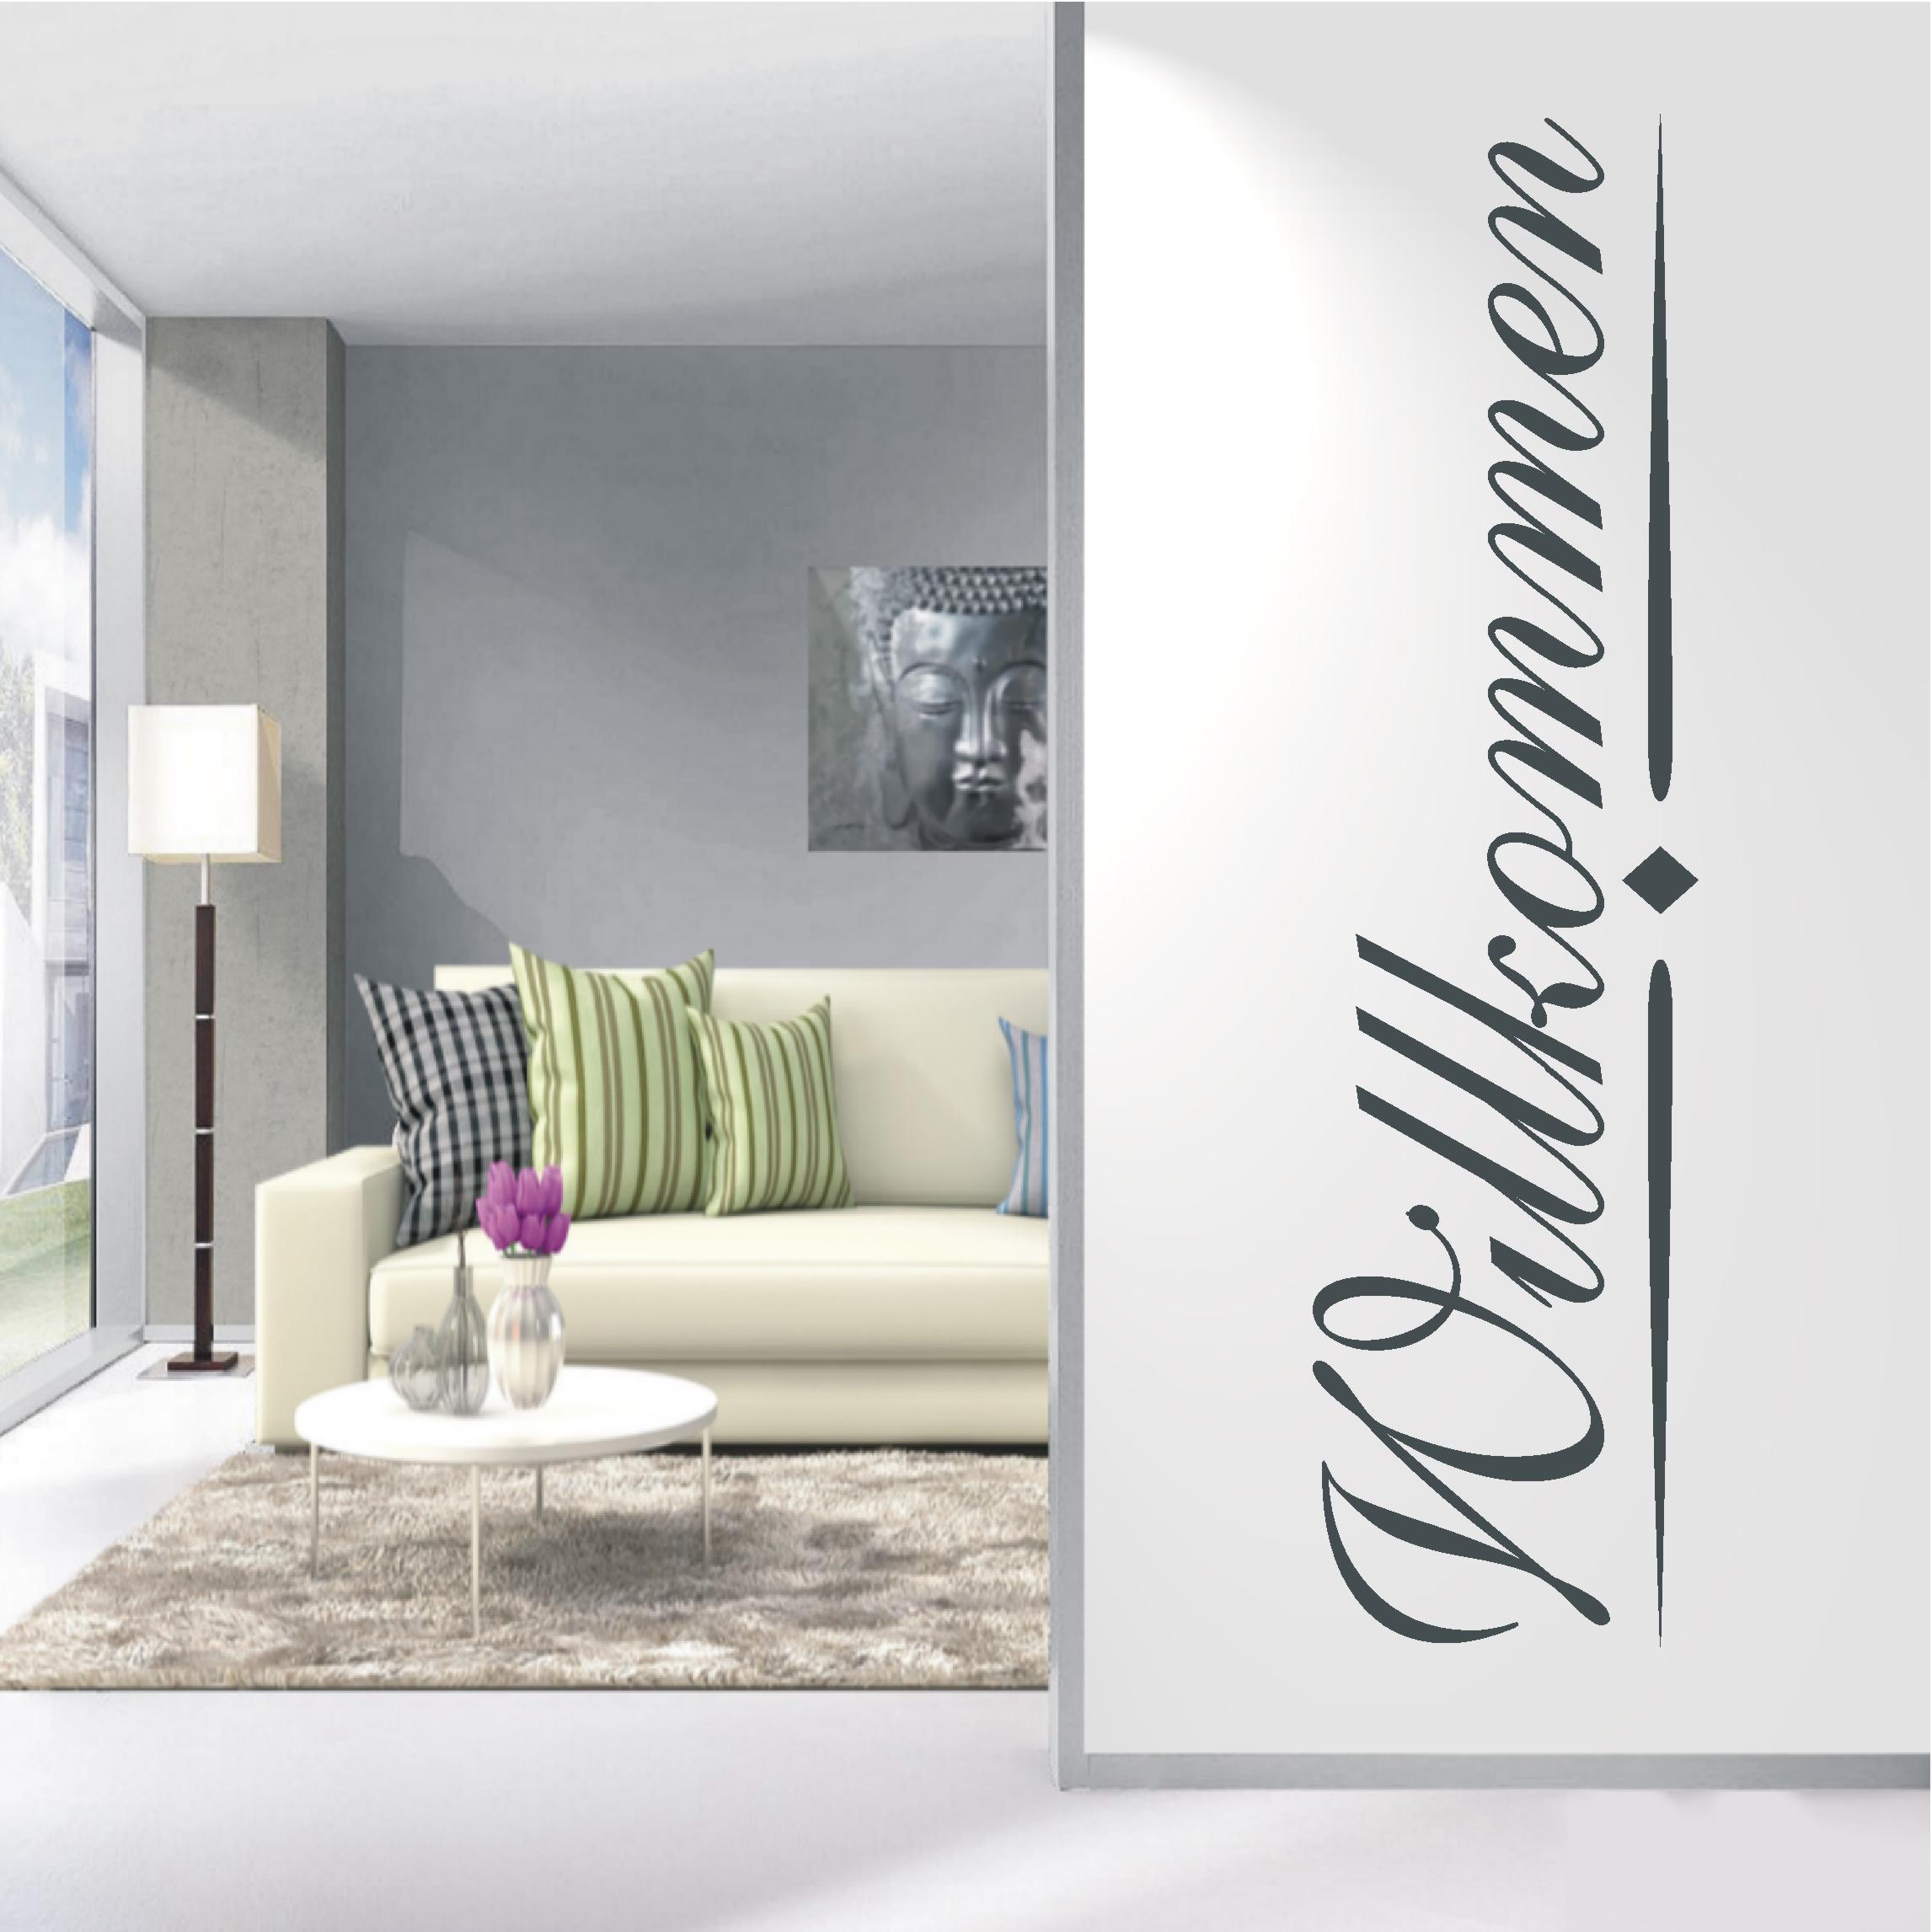 wandtattoo willkommen wandaufkleber wandsticker wohnzimmer deko neu 443 xl ebay. Black Bedroom Furniture Sets. Home Design Ideas